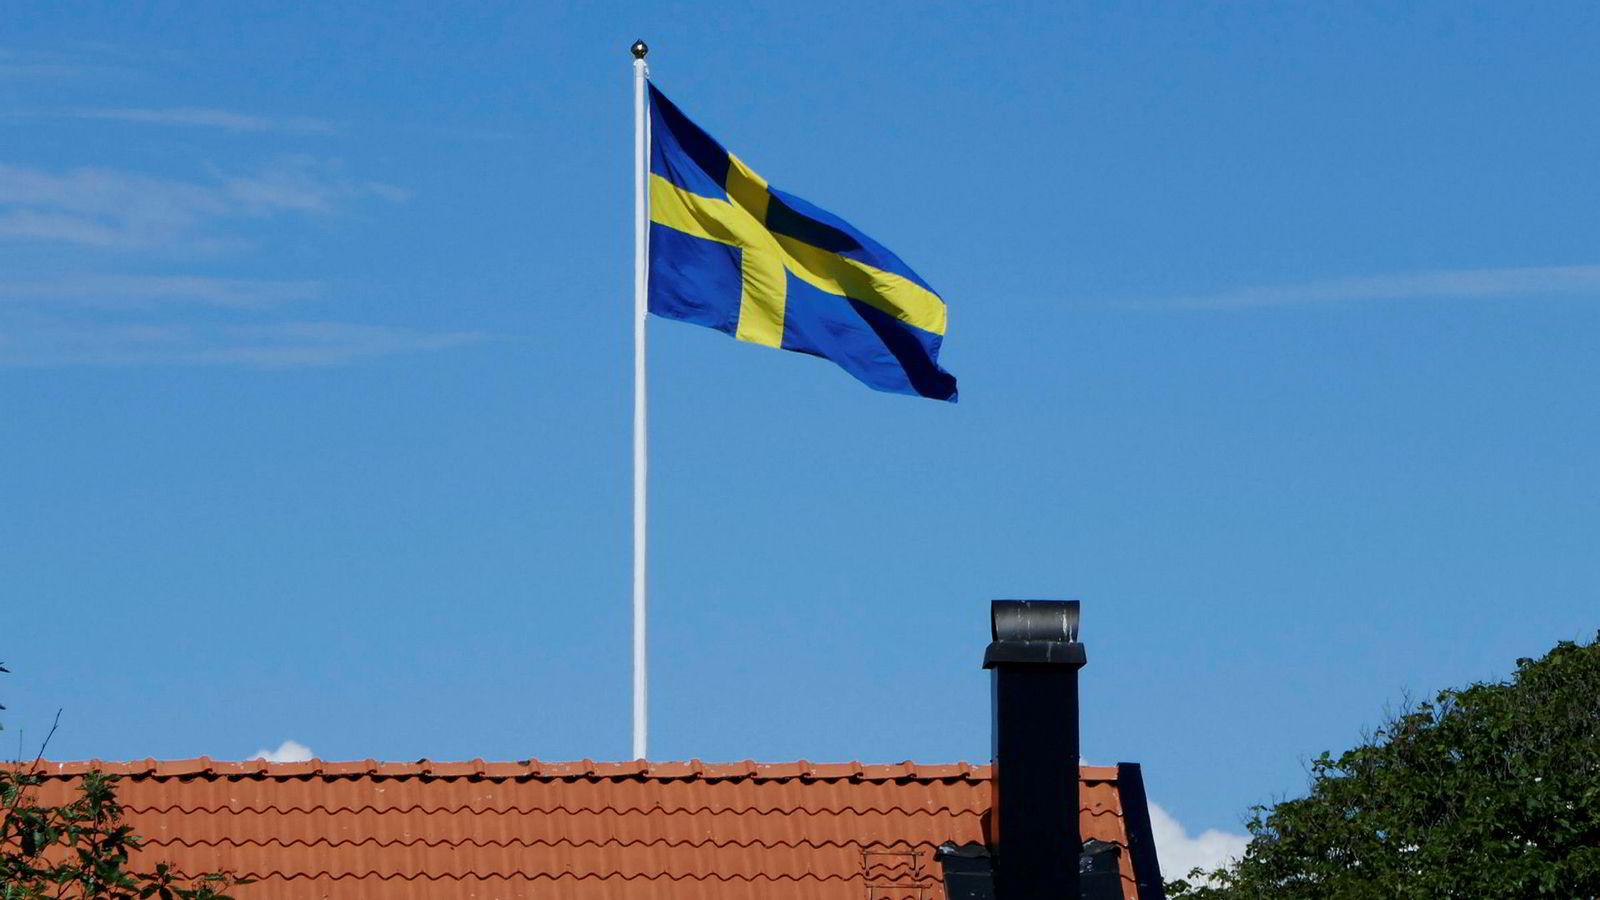 Det har blitt stadig vanskeligere de siste årene for unge voksne i Sverige å skaffe seg egen leilighet i de største byene.